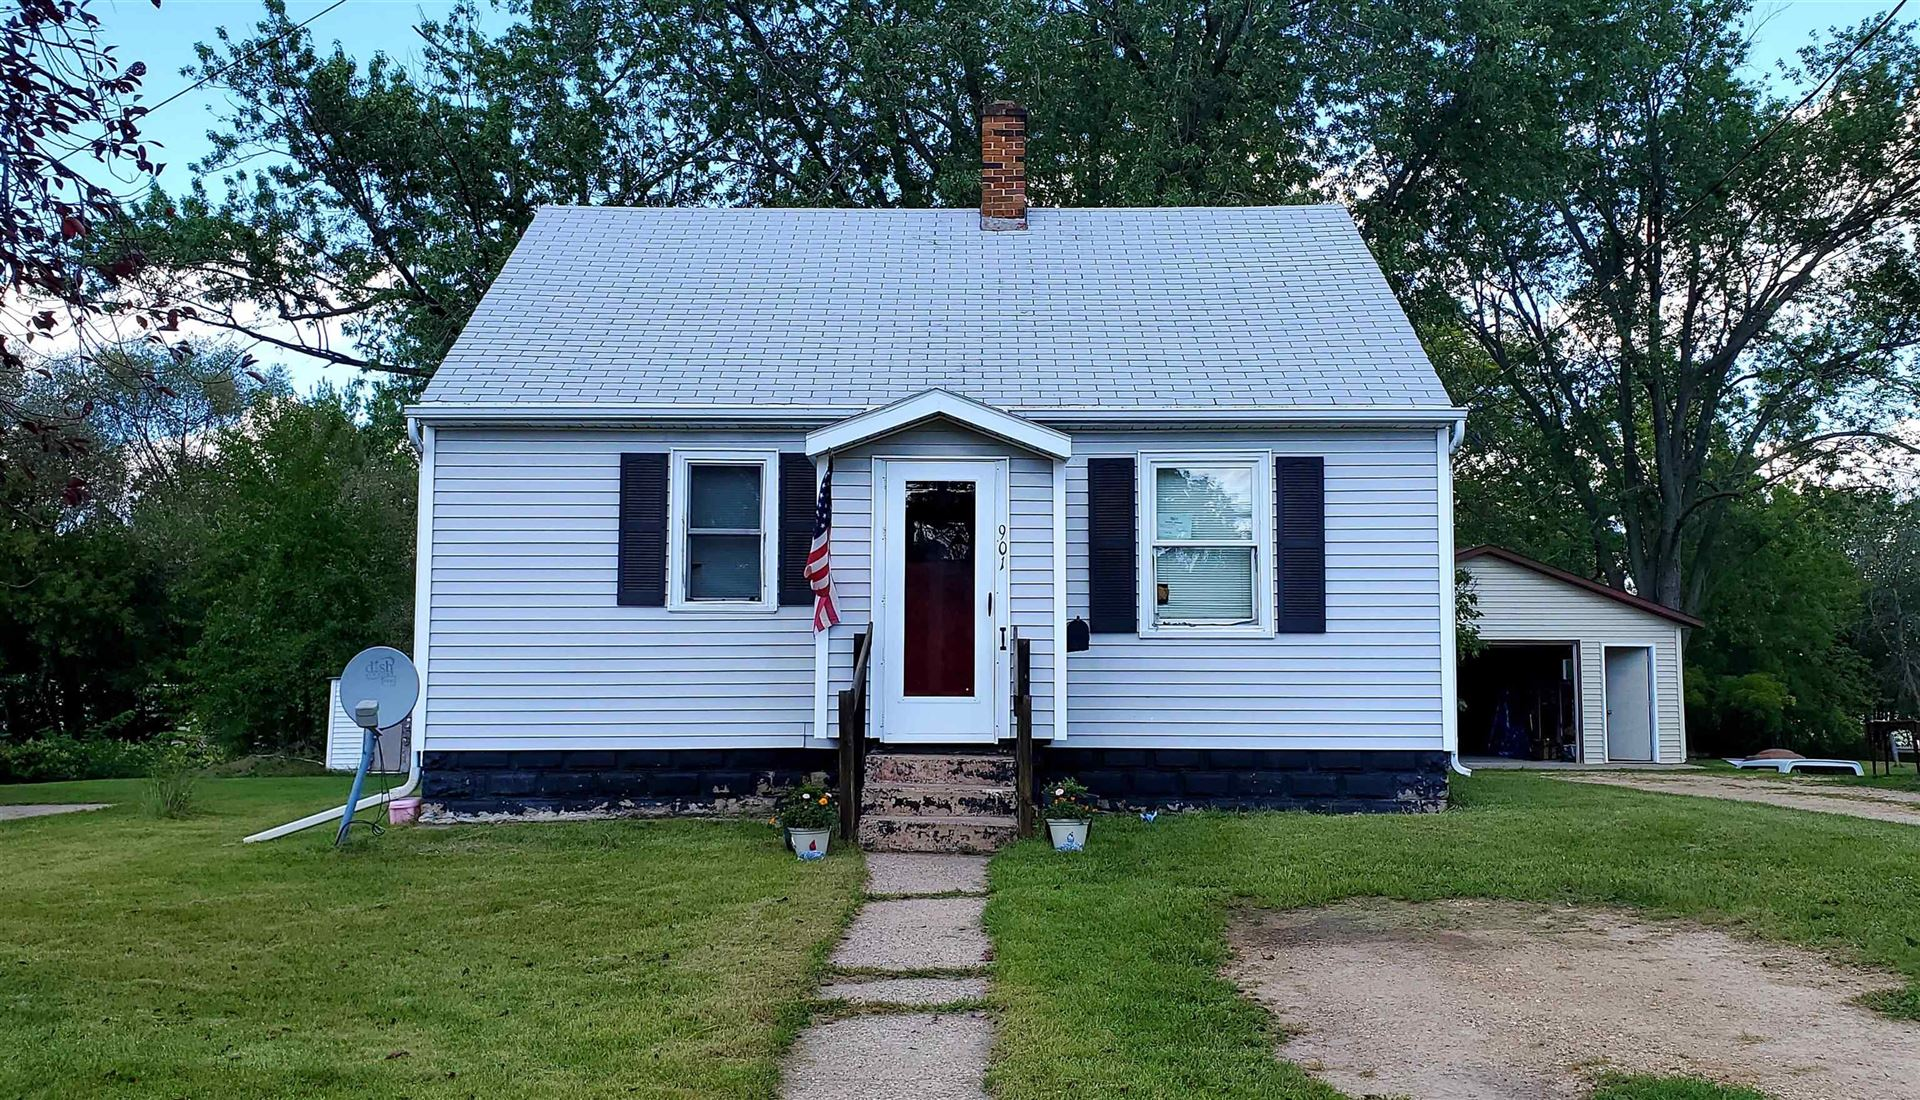 901 W State St, Mauston, WI 53948 - #: 1918868